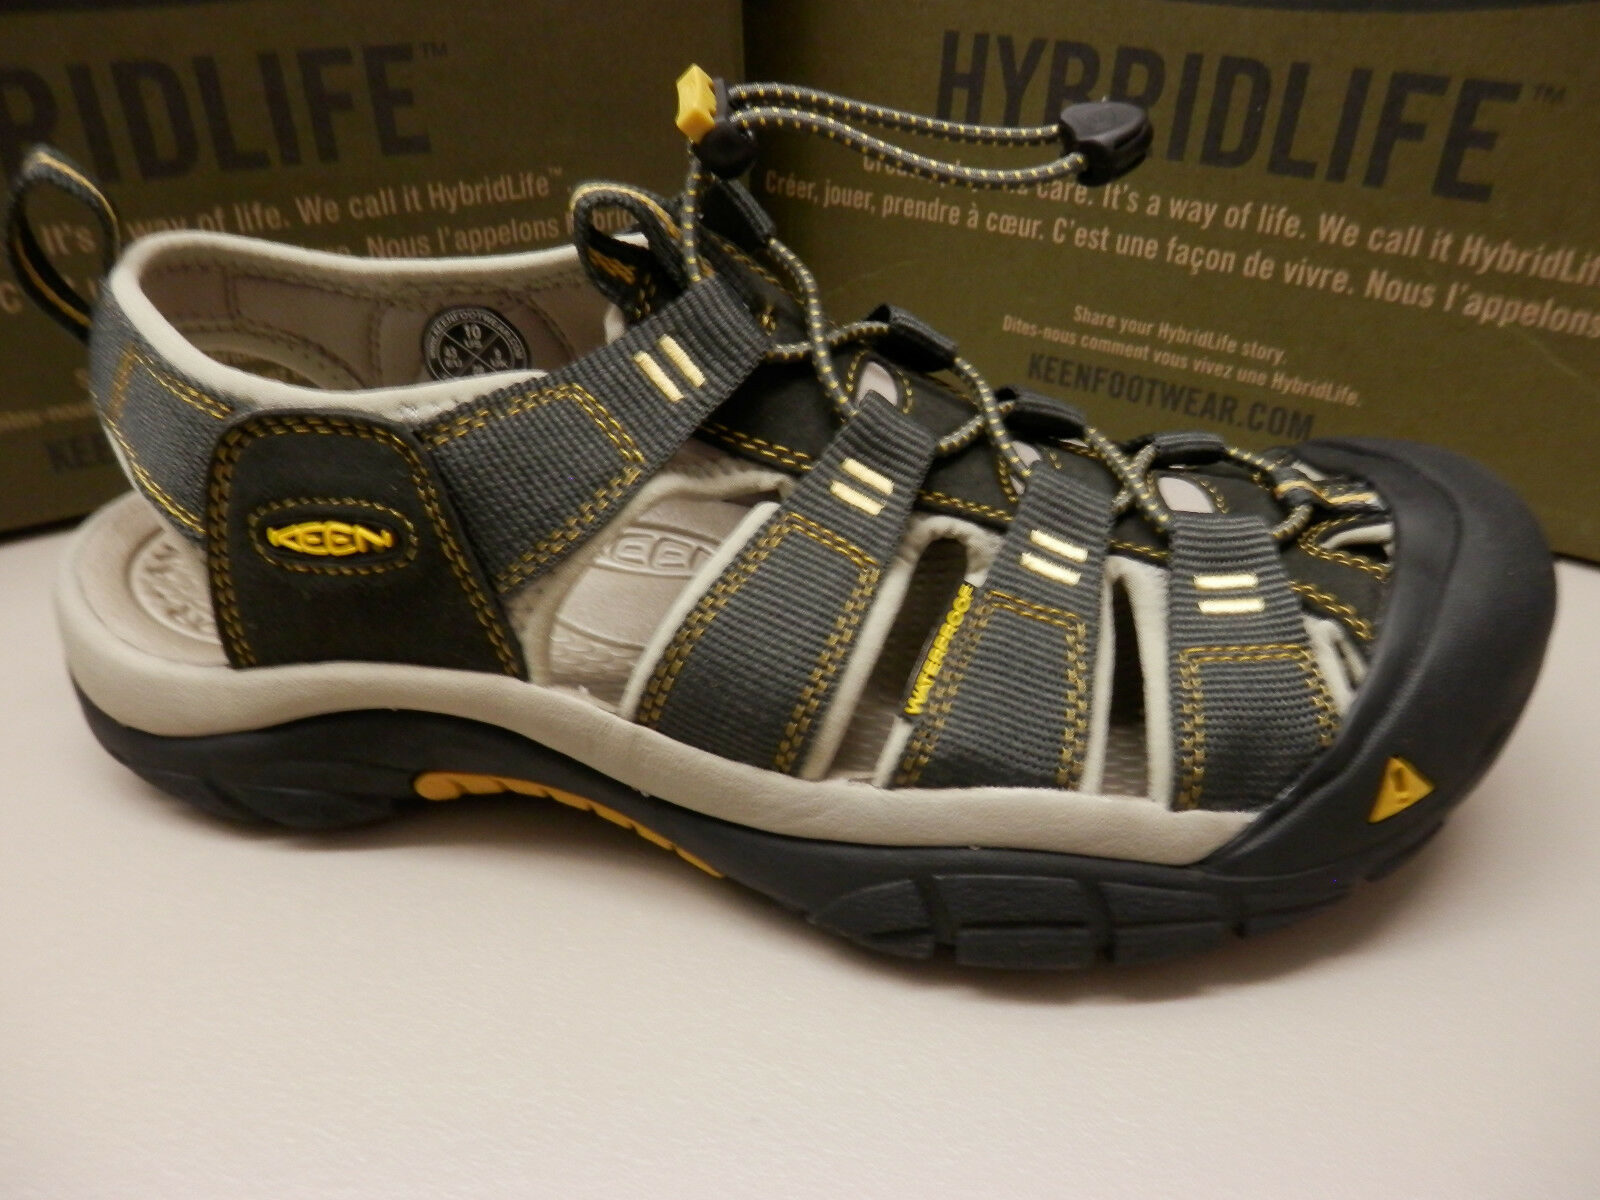 Sandali e scarpe per il mare da uomo KEEN uomoS SANDALS NEWPORT H2 RAVEN ALUMINUM SIZE 10.5